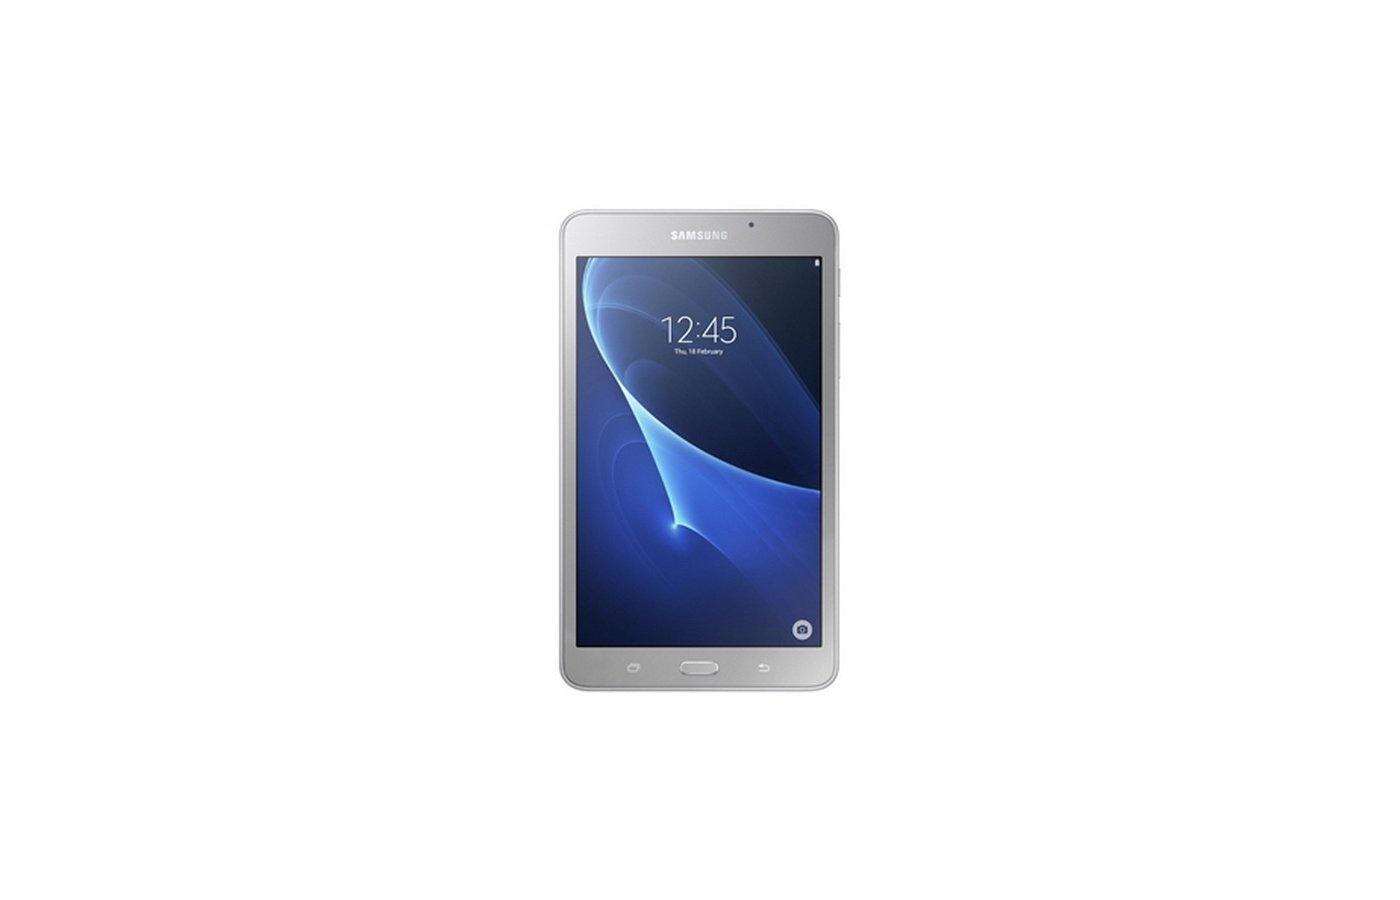 Планшет Samsung GALAXY Tab A 7.0 /SM-T280NZSASER/Wi-Fi 8GB Silver